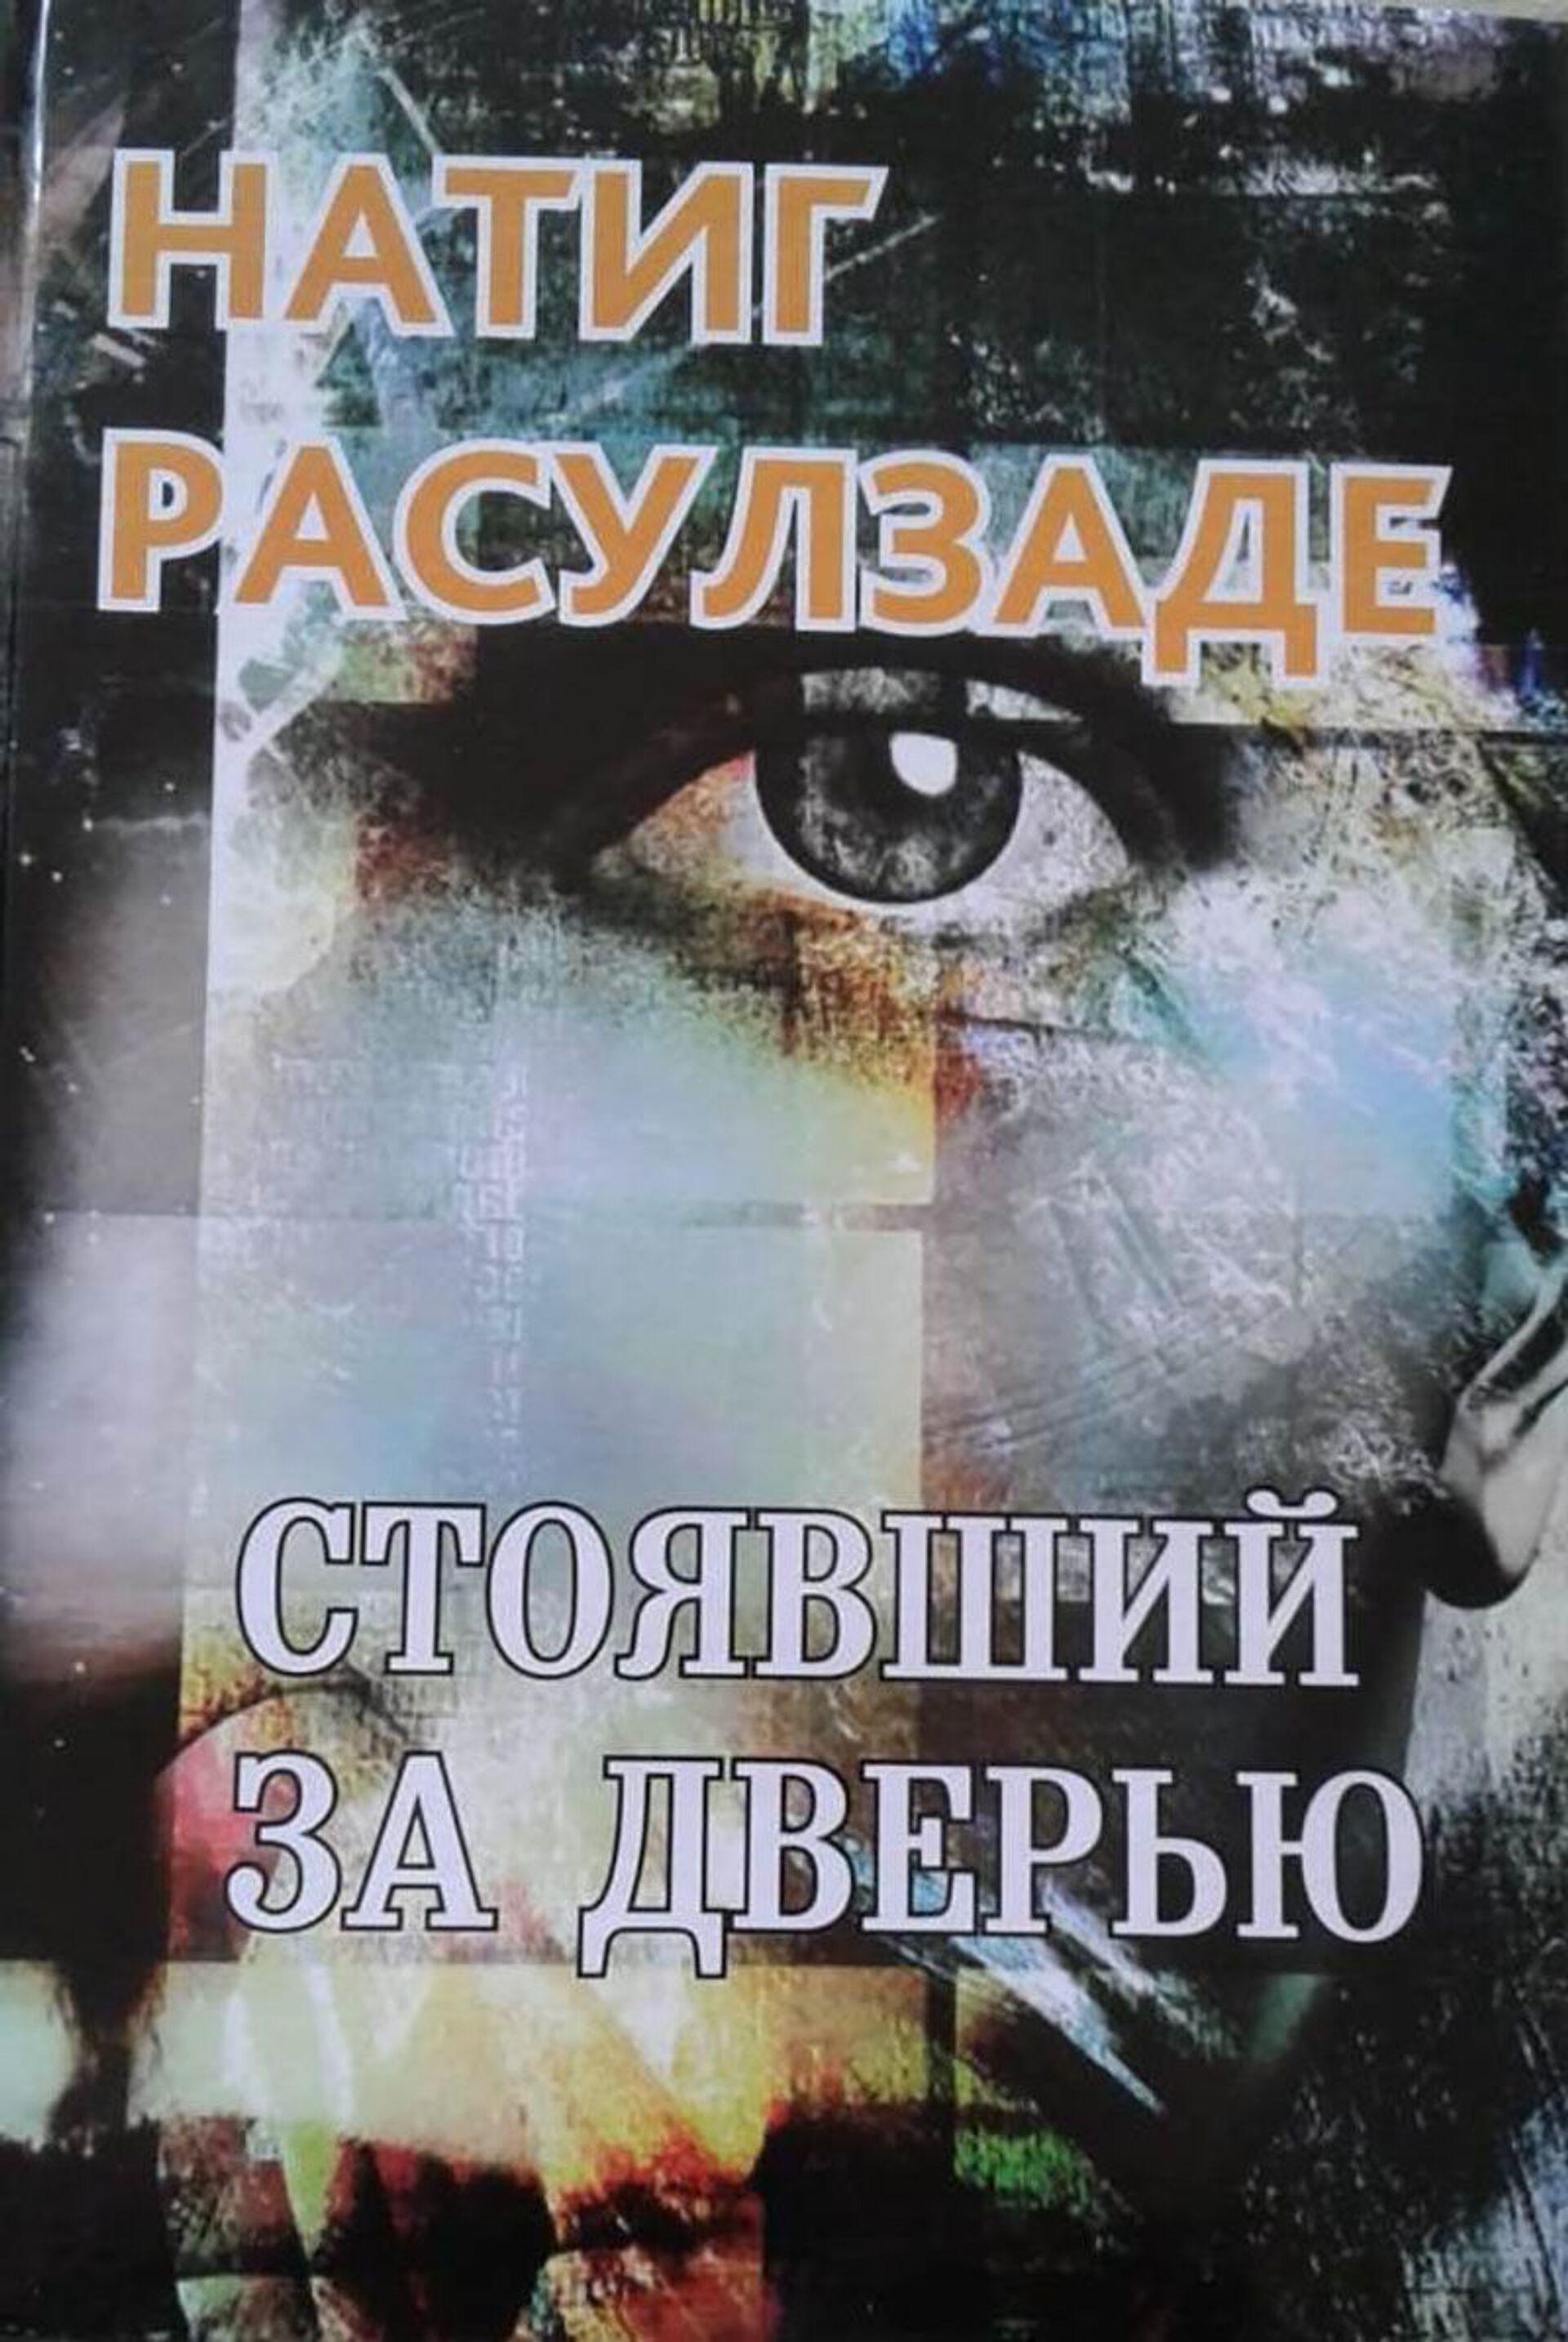 Натиг Расулзаде порадовал своих читателей - Sputnik Азербайджан, 1920, 01.02.2021